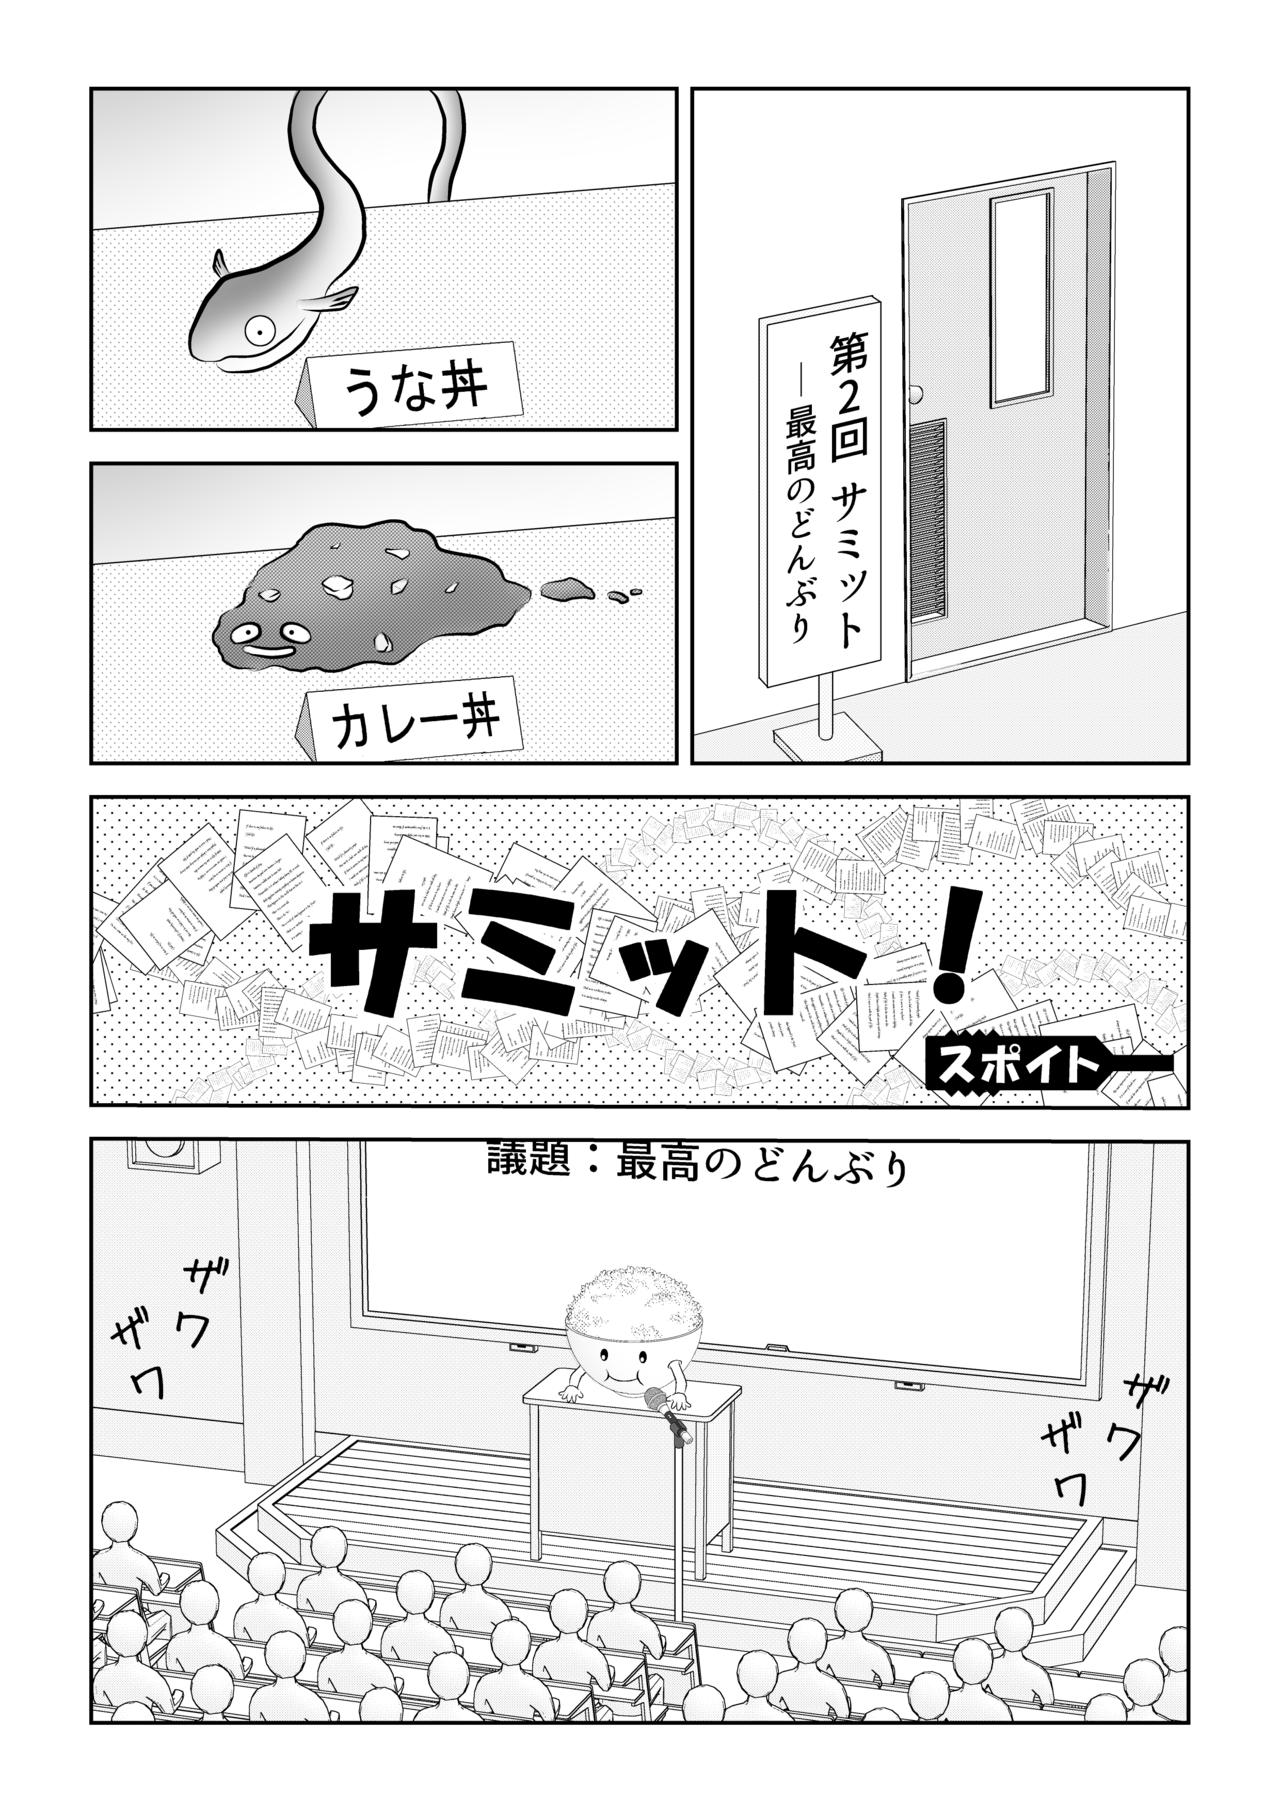 02_丼_001